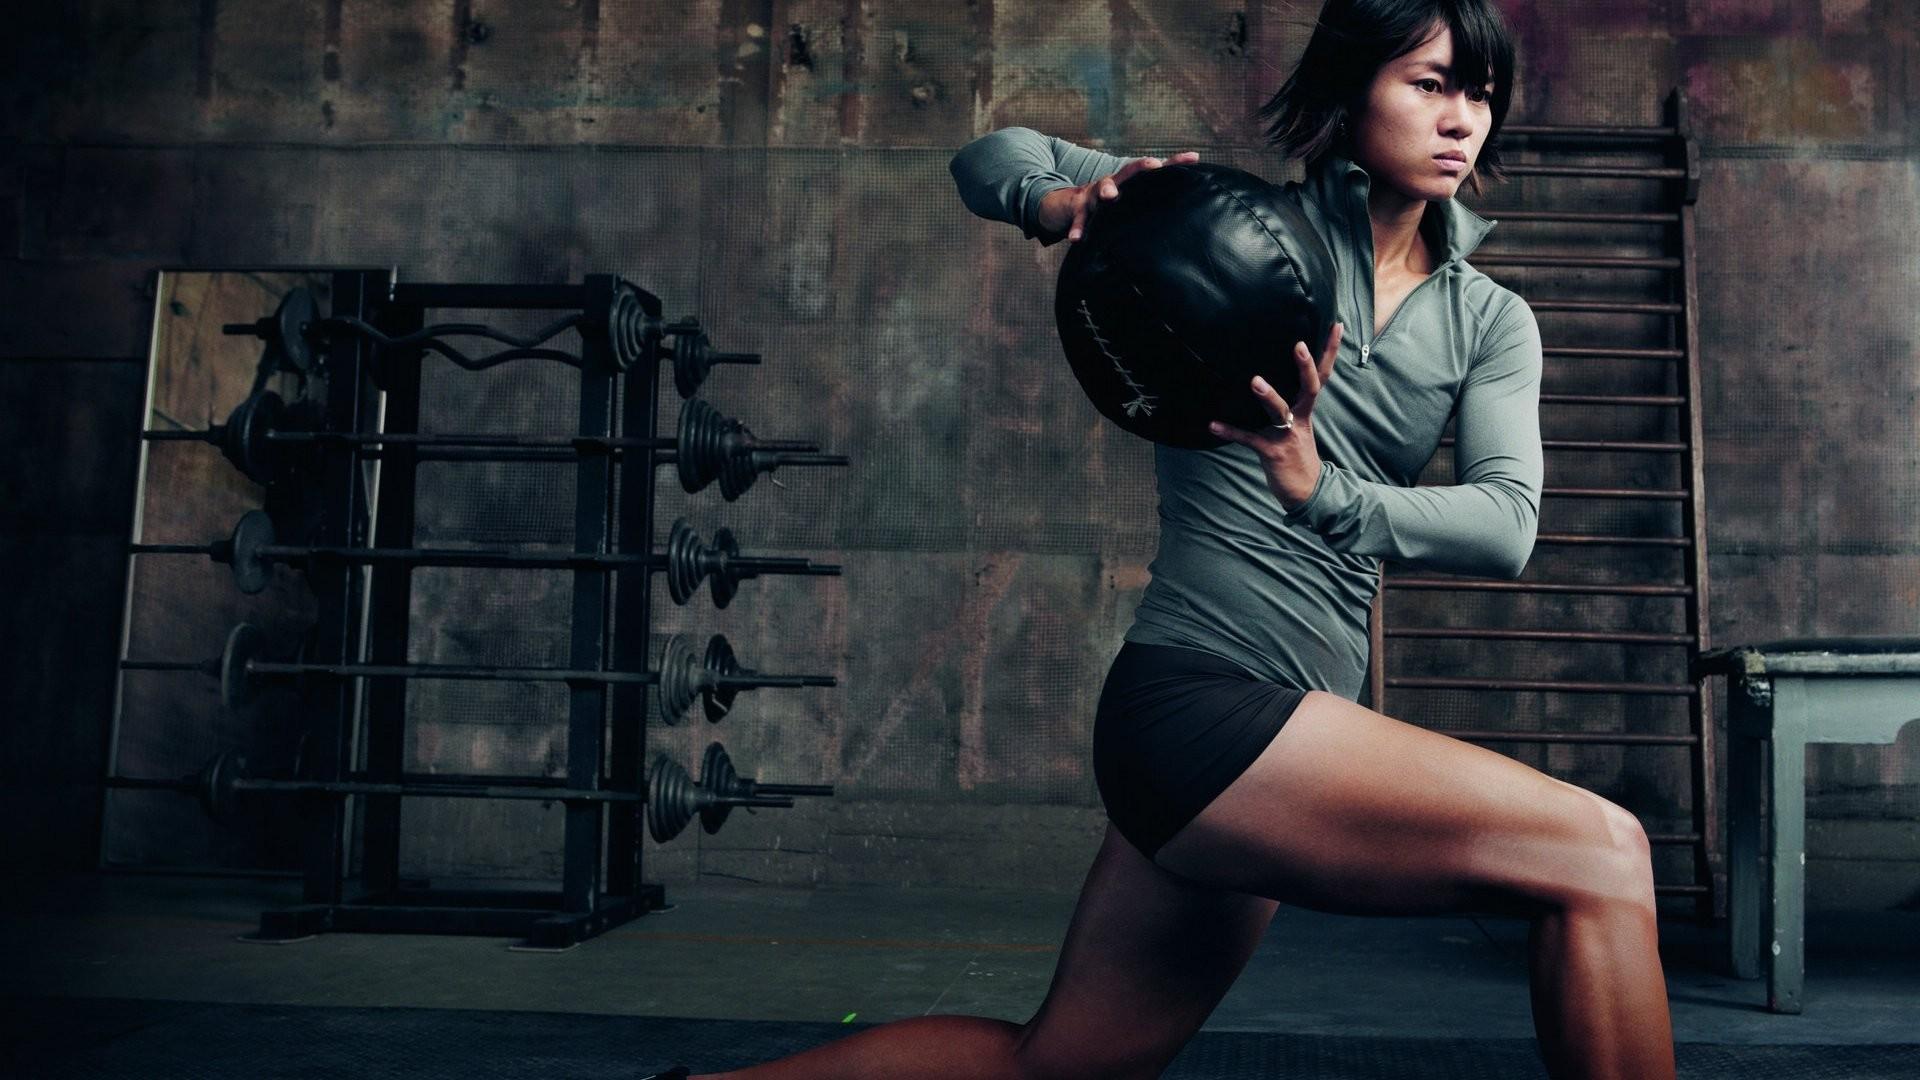 Girl Fitness Sport Gym HD desktop wallpaper : Widescreen